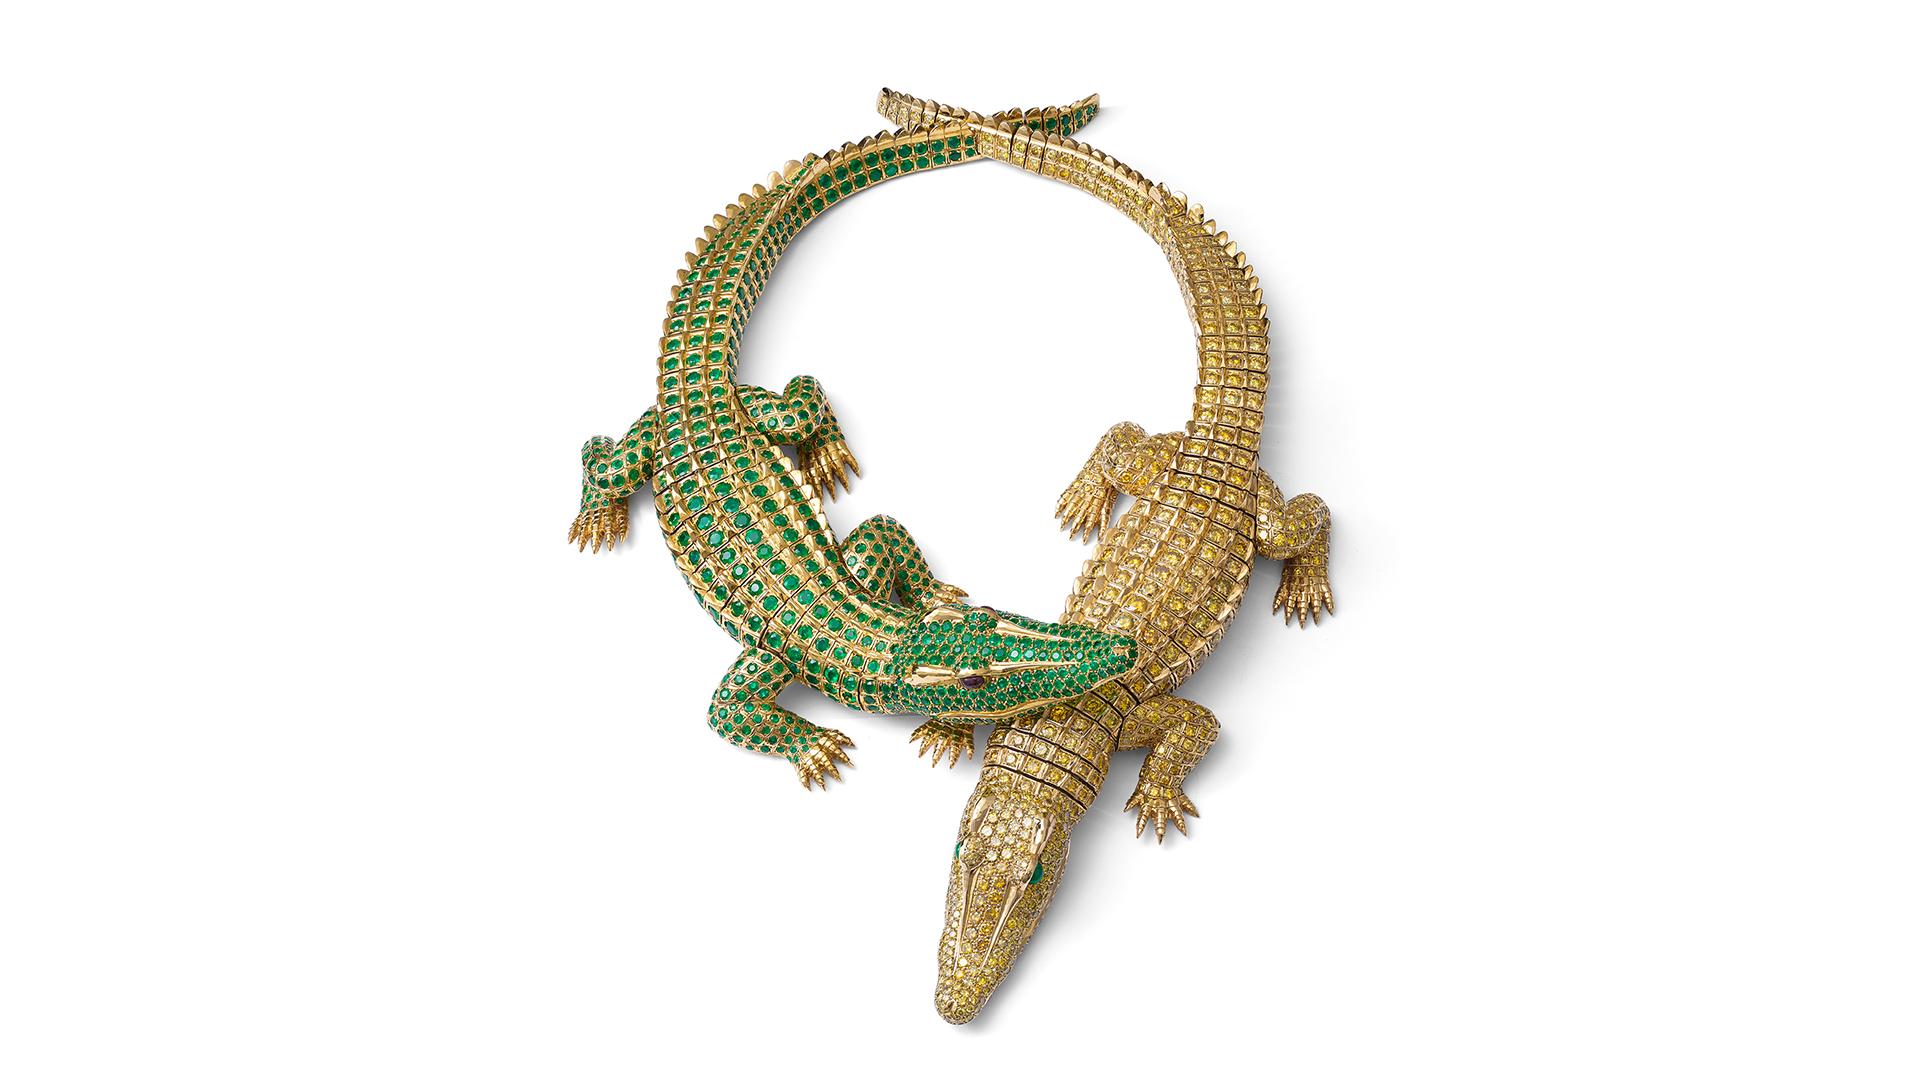 Selon la légende, lorsque l'actrice María Félix a commandé ce collier, elle a transporté des bébés crocodiles vivants chez Cartier à Paris pour servir de modèles pour la conception.